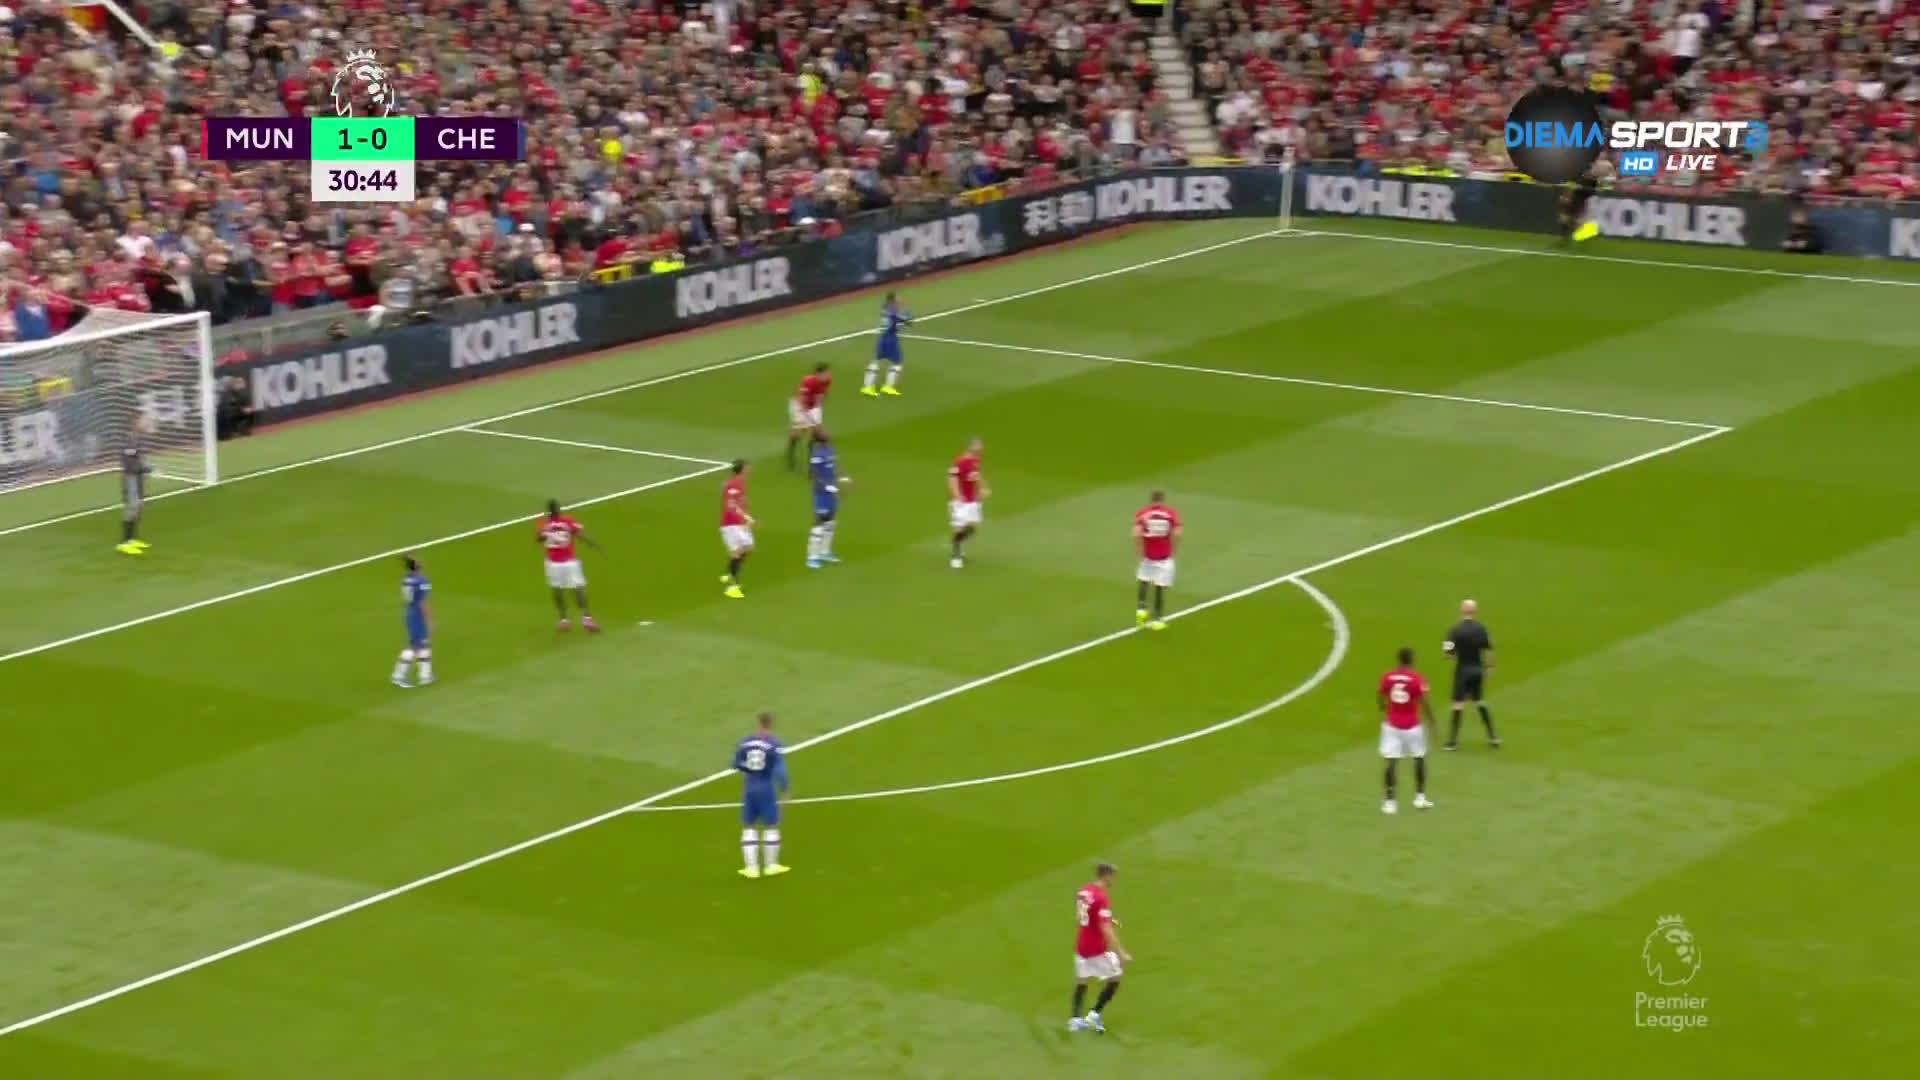 Юнайтед допускат хубав диагонален пас в центъра, положение за Челси